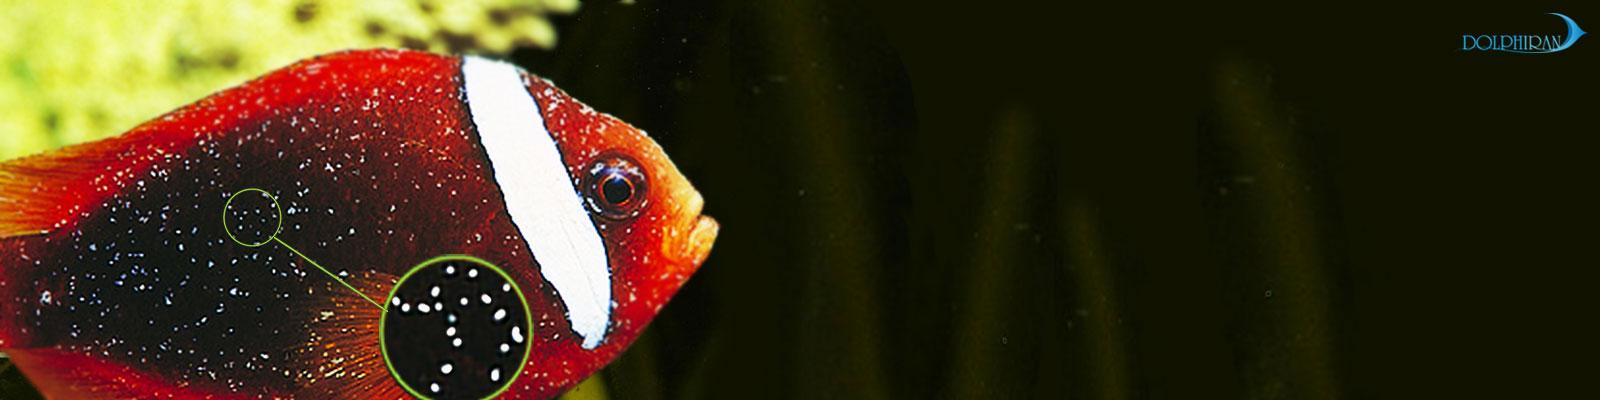 بیماری ماهیان آب شور (شناخت) - بخش اول